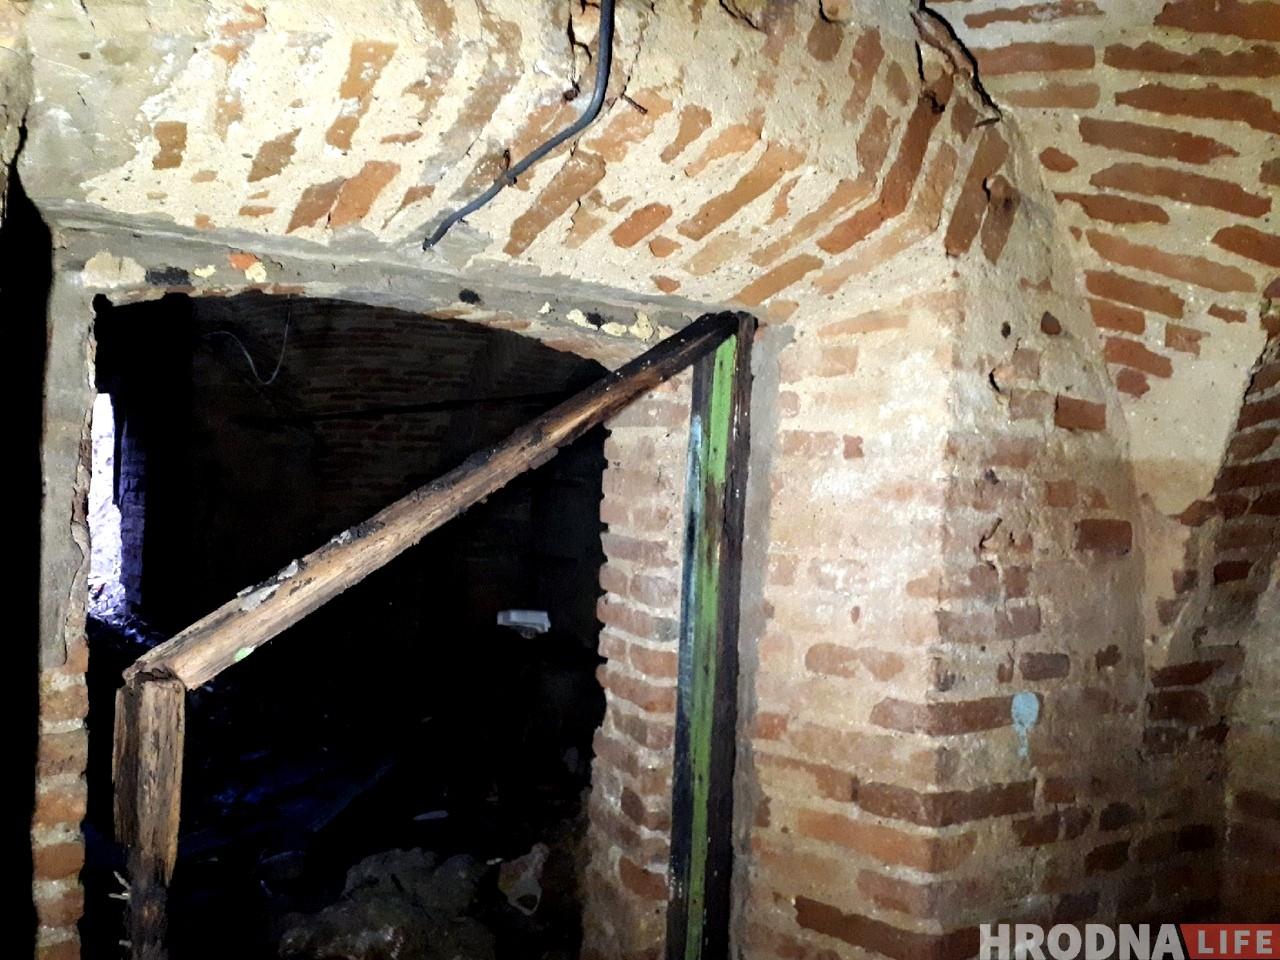 В Гродно обнаружили старый подвал возле здания 18 века. Его не было в проекте